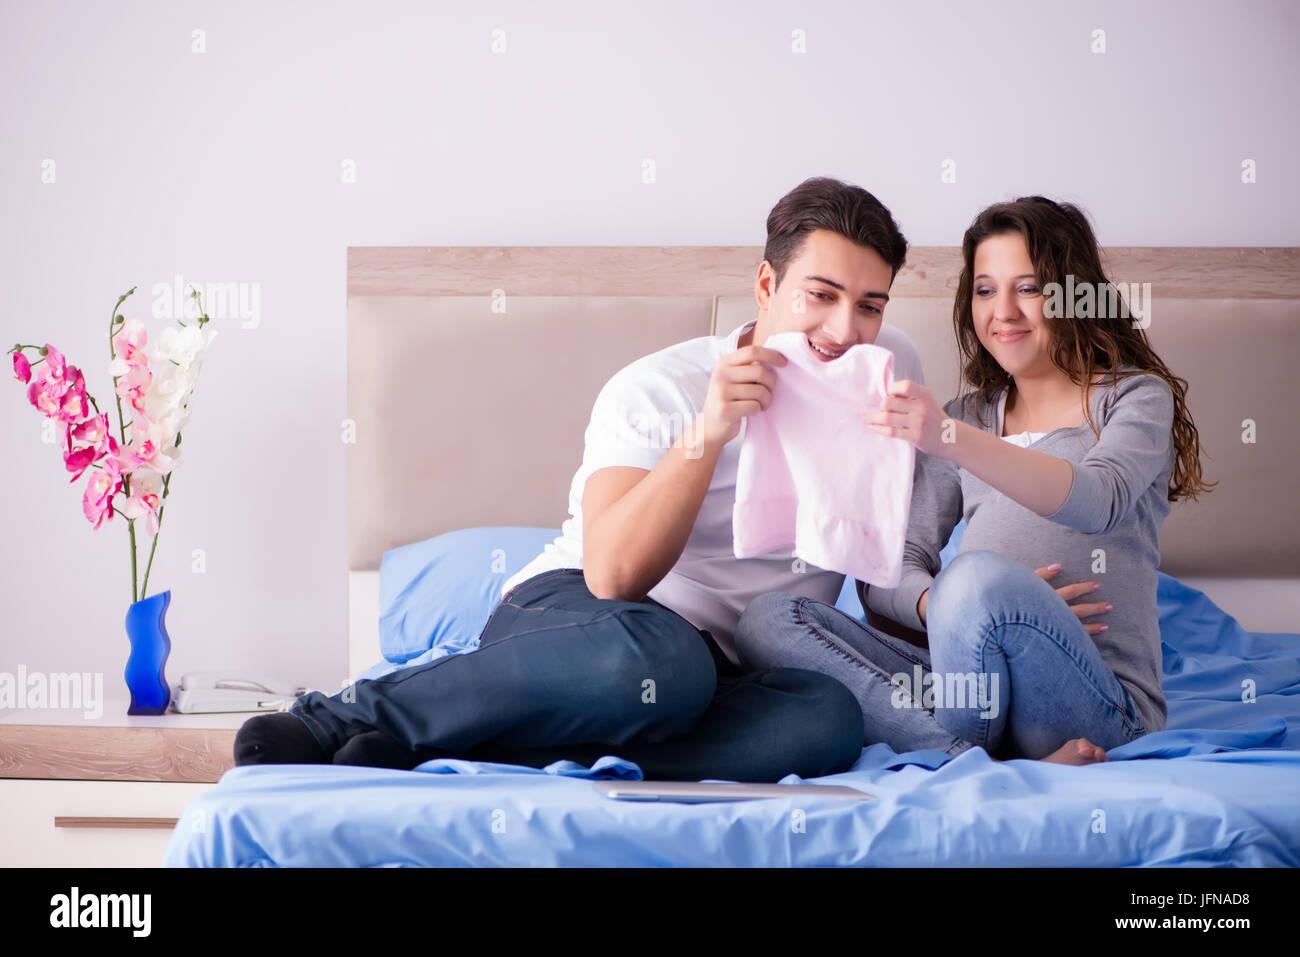 jeune famille avec femme enceinte attend b b au lit banque d 39 images photo stock 147371988 alamy. Black Bedroom Furniture Sets. Home Design Ideas